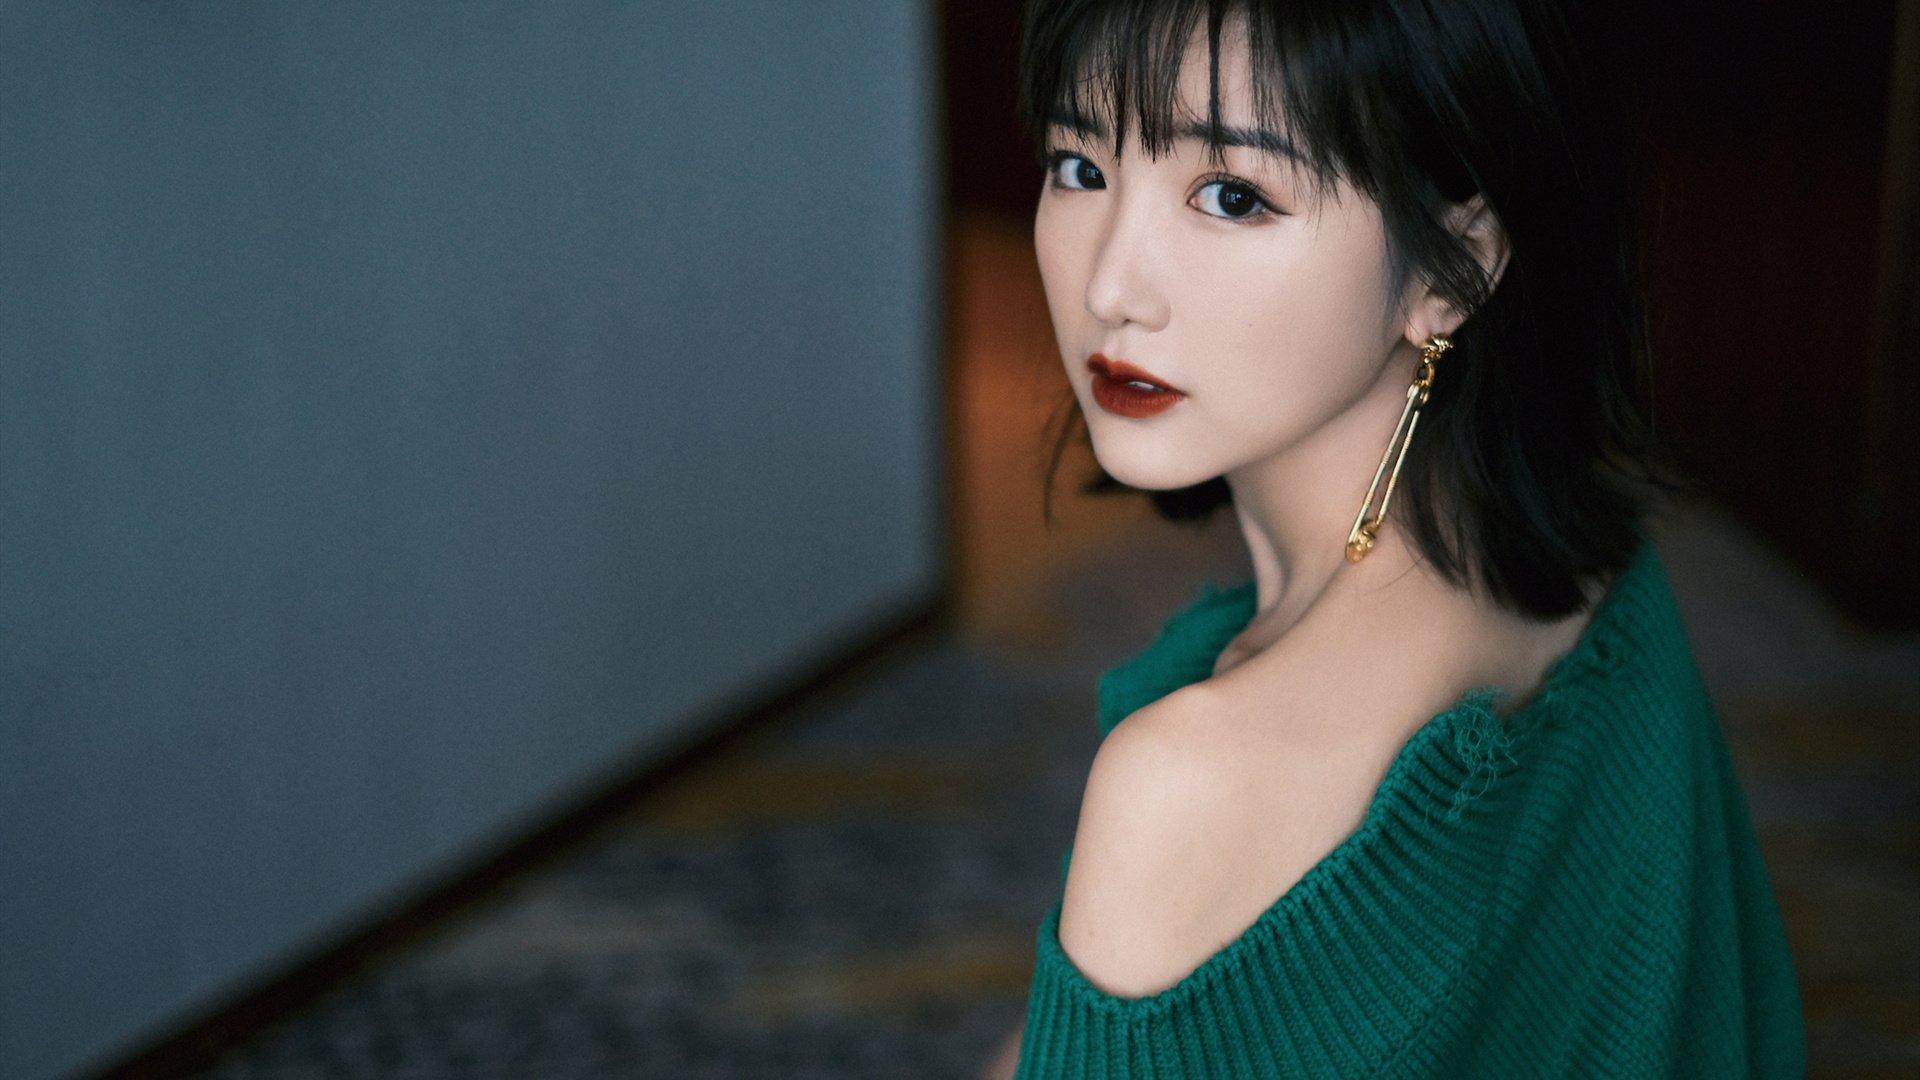 张子霖的世界小姐是哪一年?